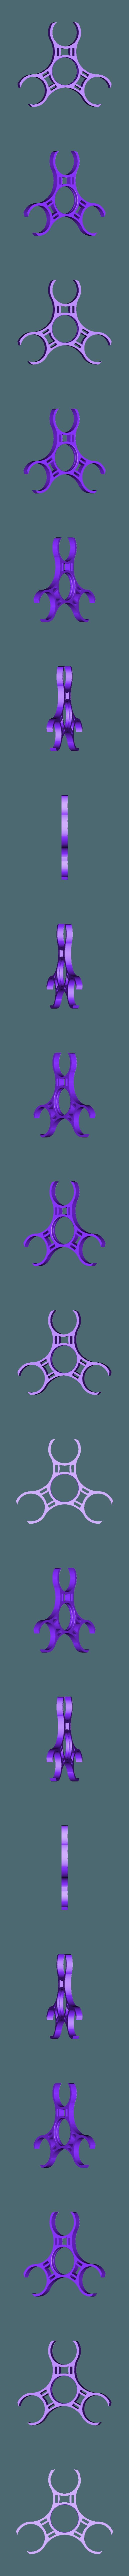 Spinners-El-1.stl Télécharger fichier STL gratuit Tournevis à coussinets • Modèle imprimable en 3D, crzldesign